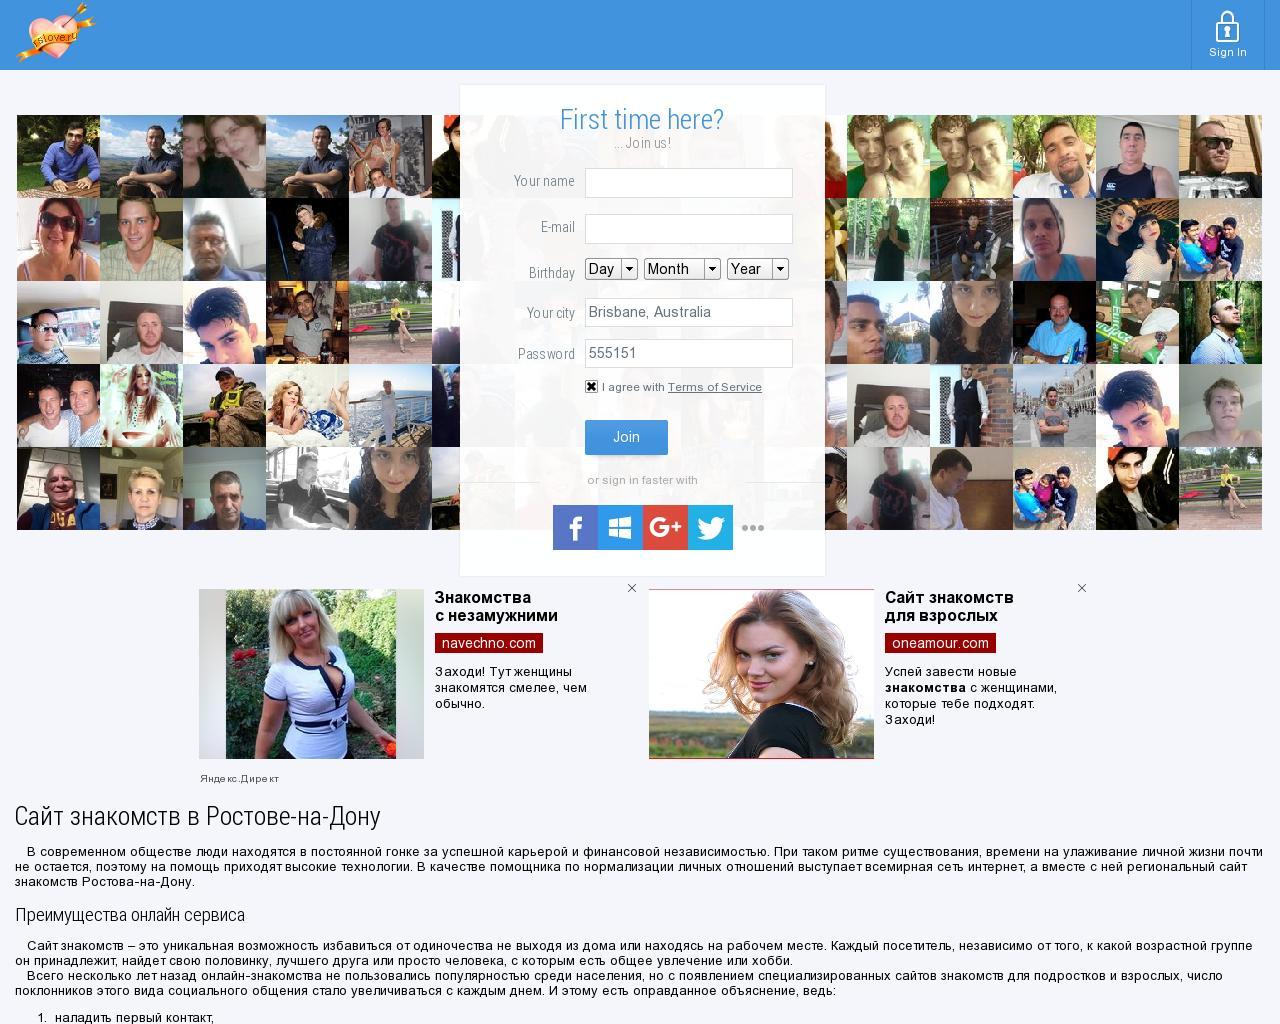 всемирный сайт знакомств онлайн